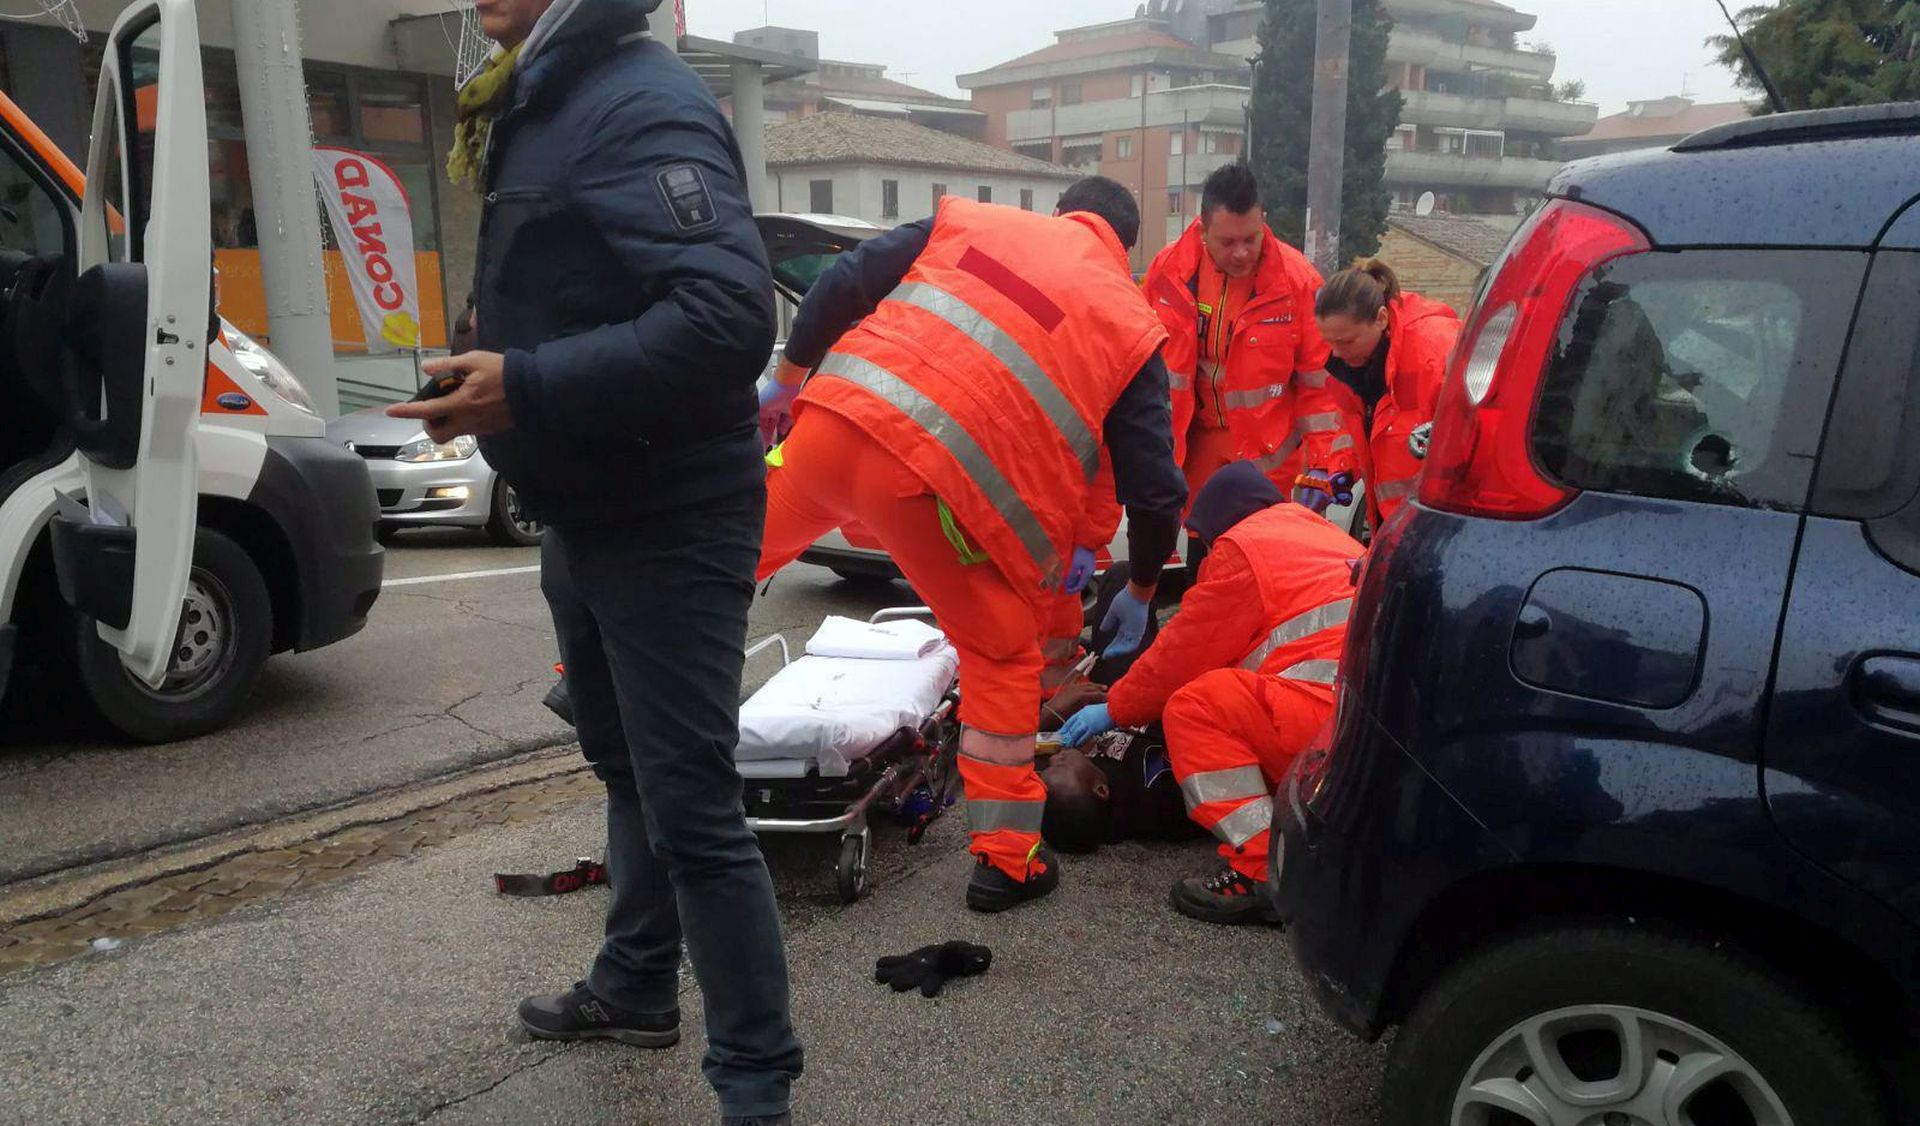 ITALIJA Nekoliko afričkih migranata ozlijeđeno u pucnjavi iz automobila